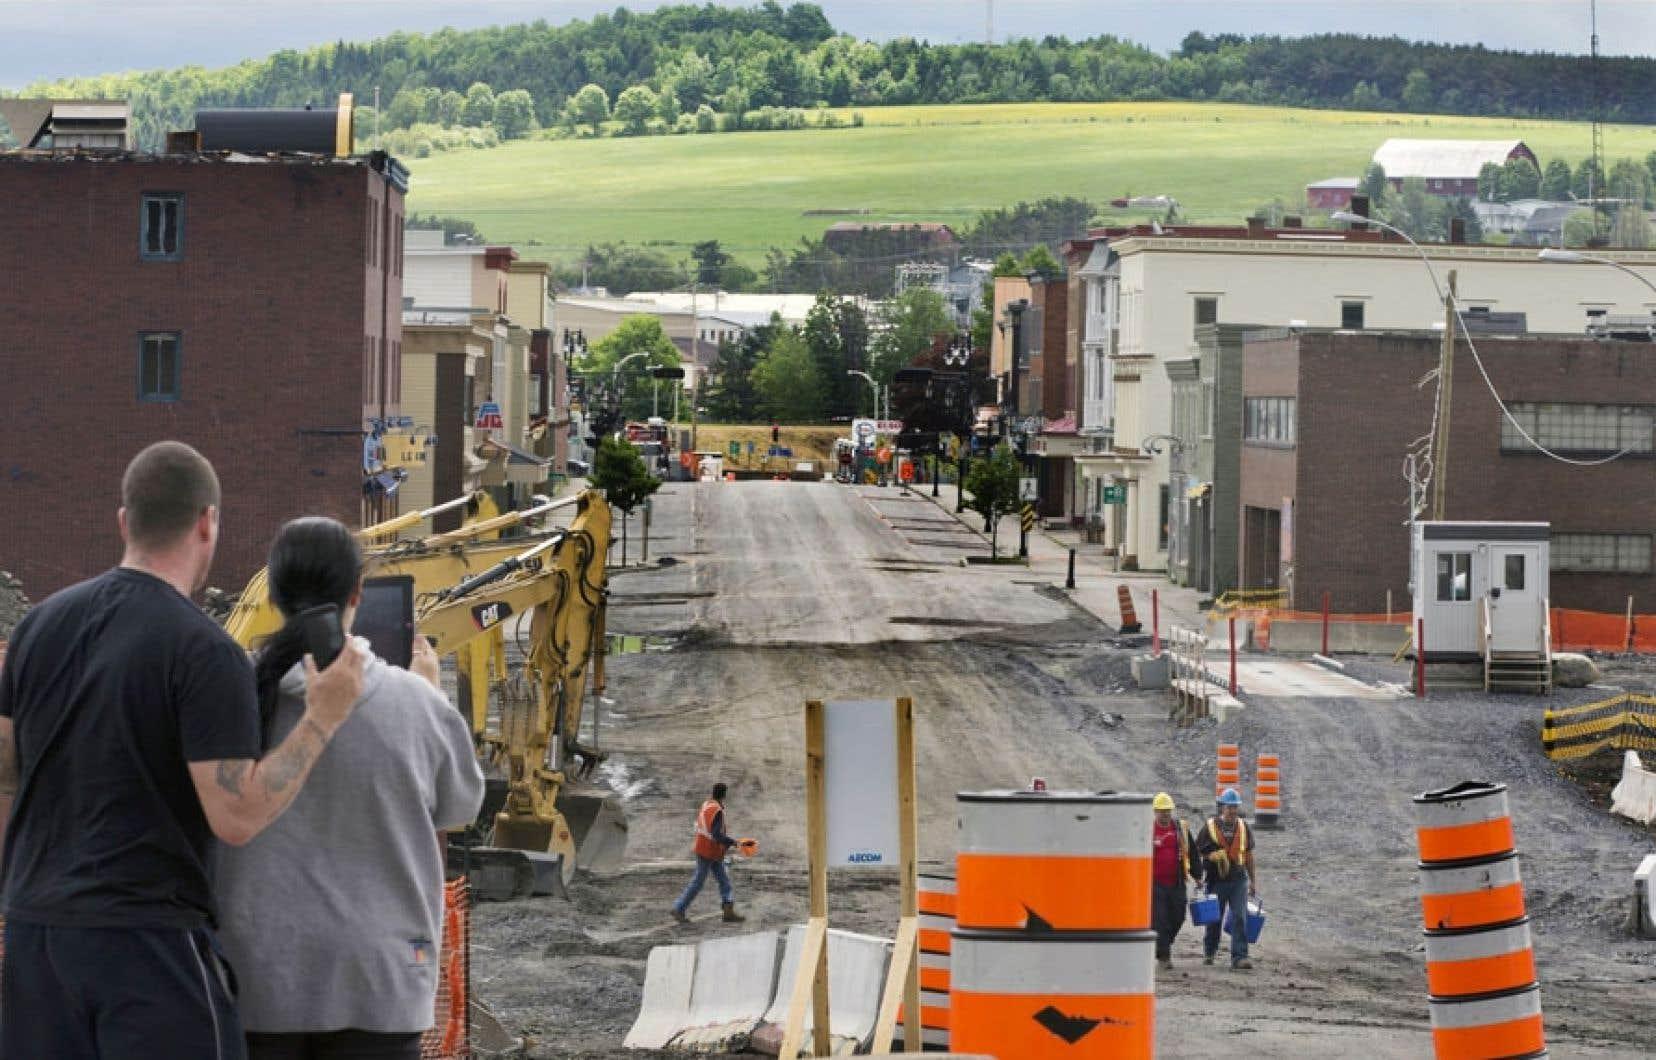 La reconstruction du centre-ville doit d'abord passer par l'étape de la décontamination des sols imbibés de pétrole. Une tâche titanesque qui ne se terminera qu'à la fin de 2014, selon les prévisions les plus optimistes.